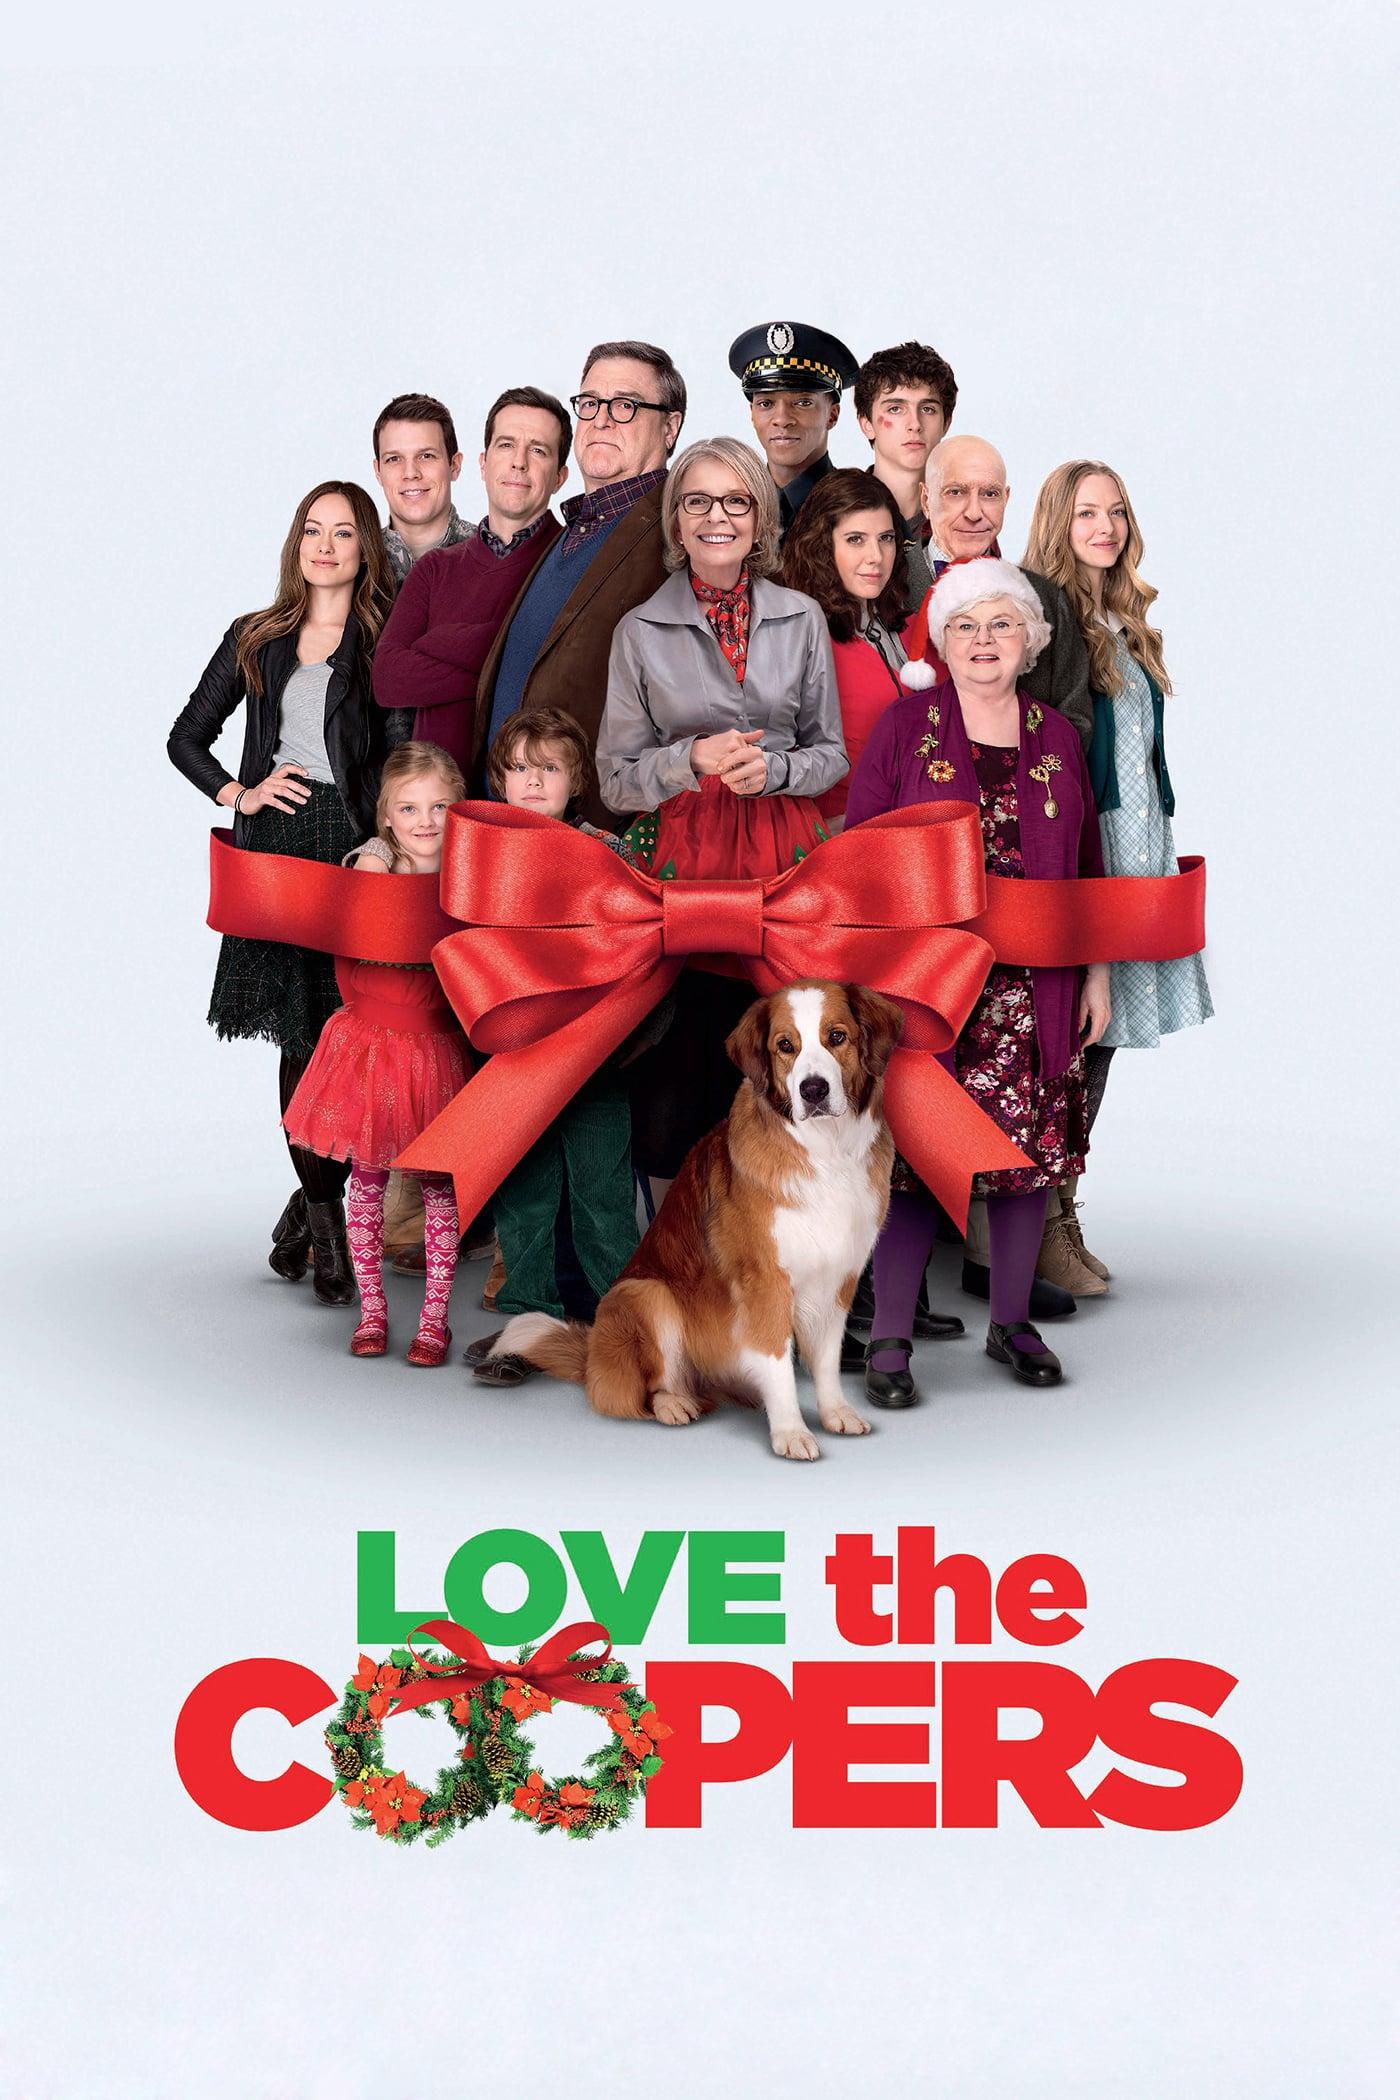 دانلود فیلم Love the Coopers 2015 با دوبله فارسی